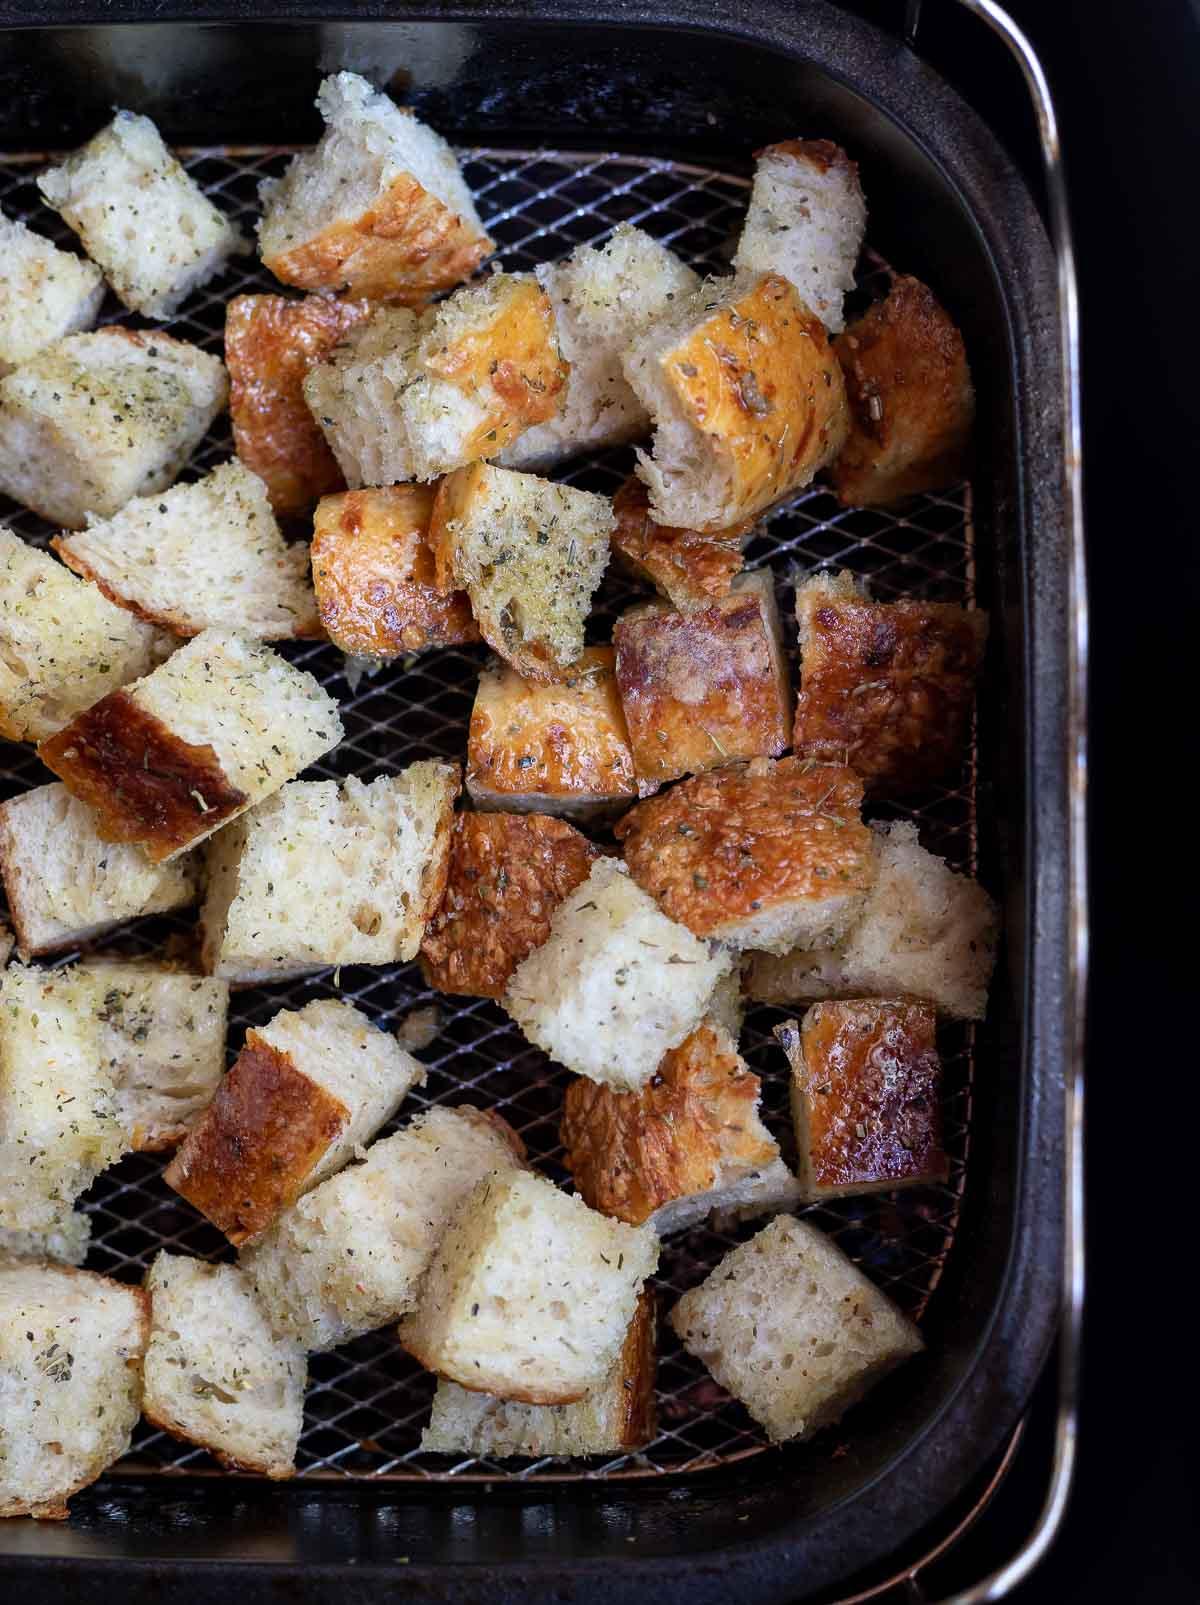 cubed bread in air fryer basket